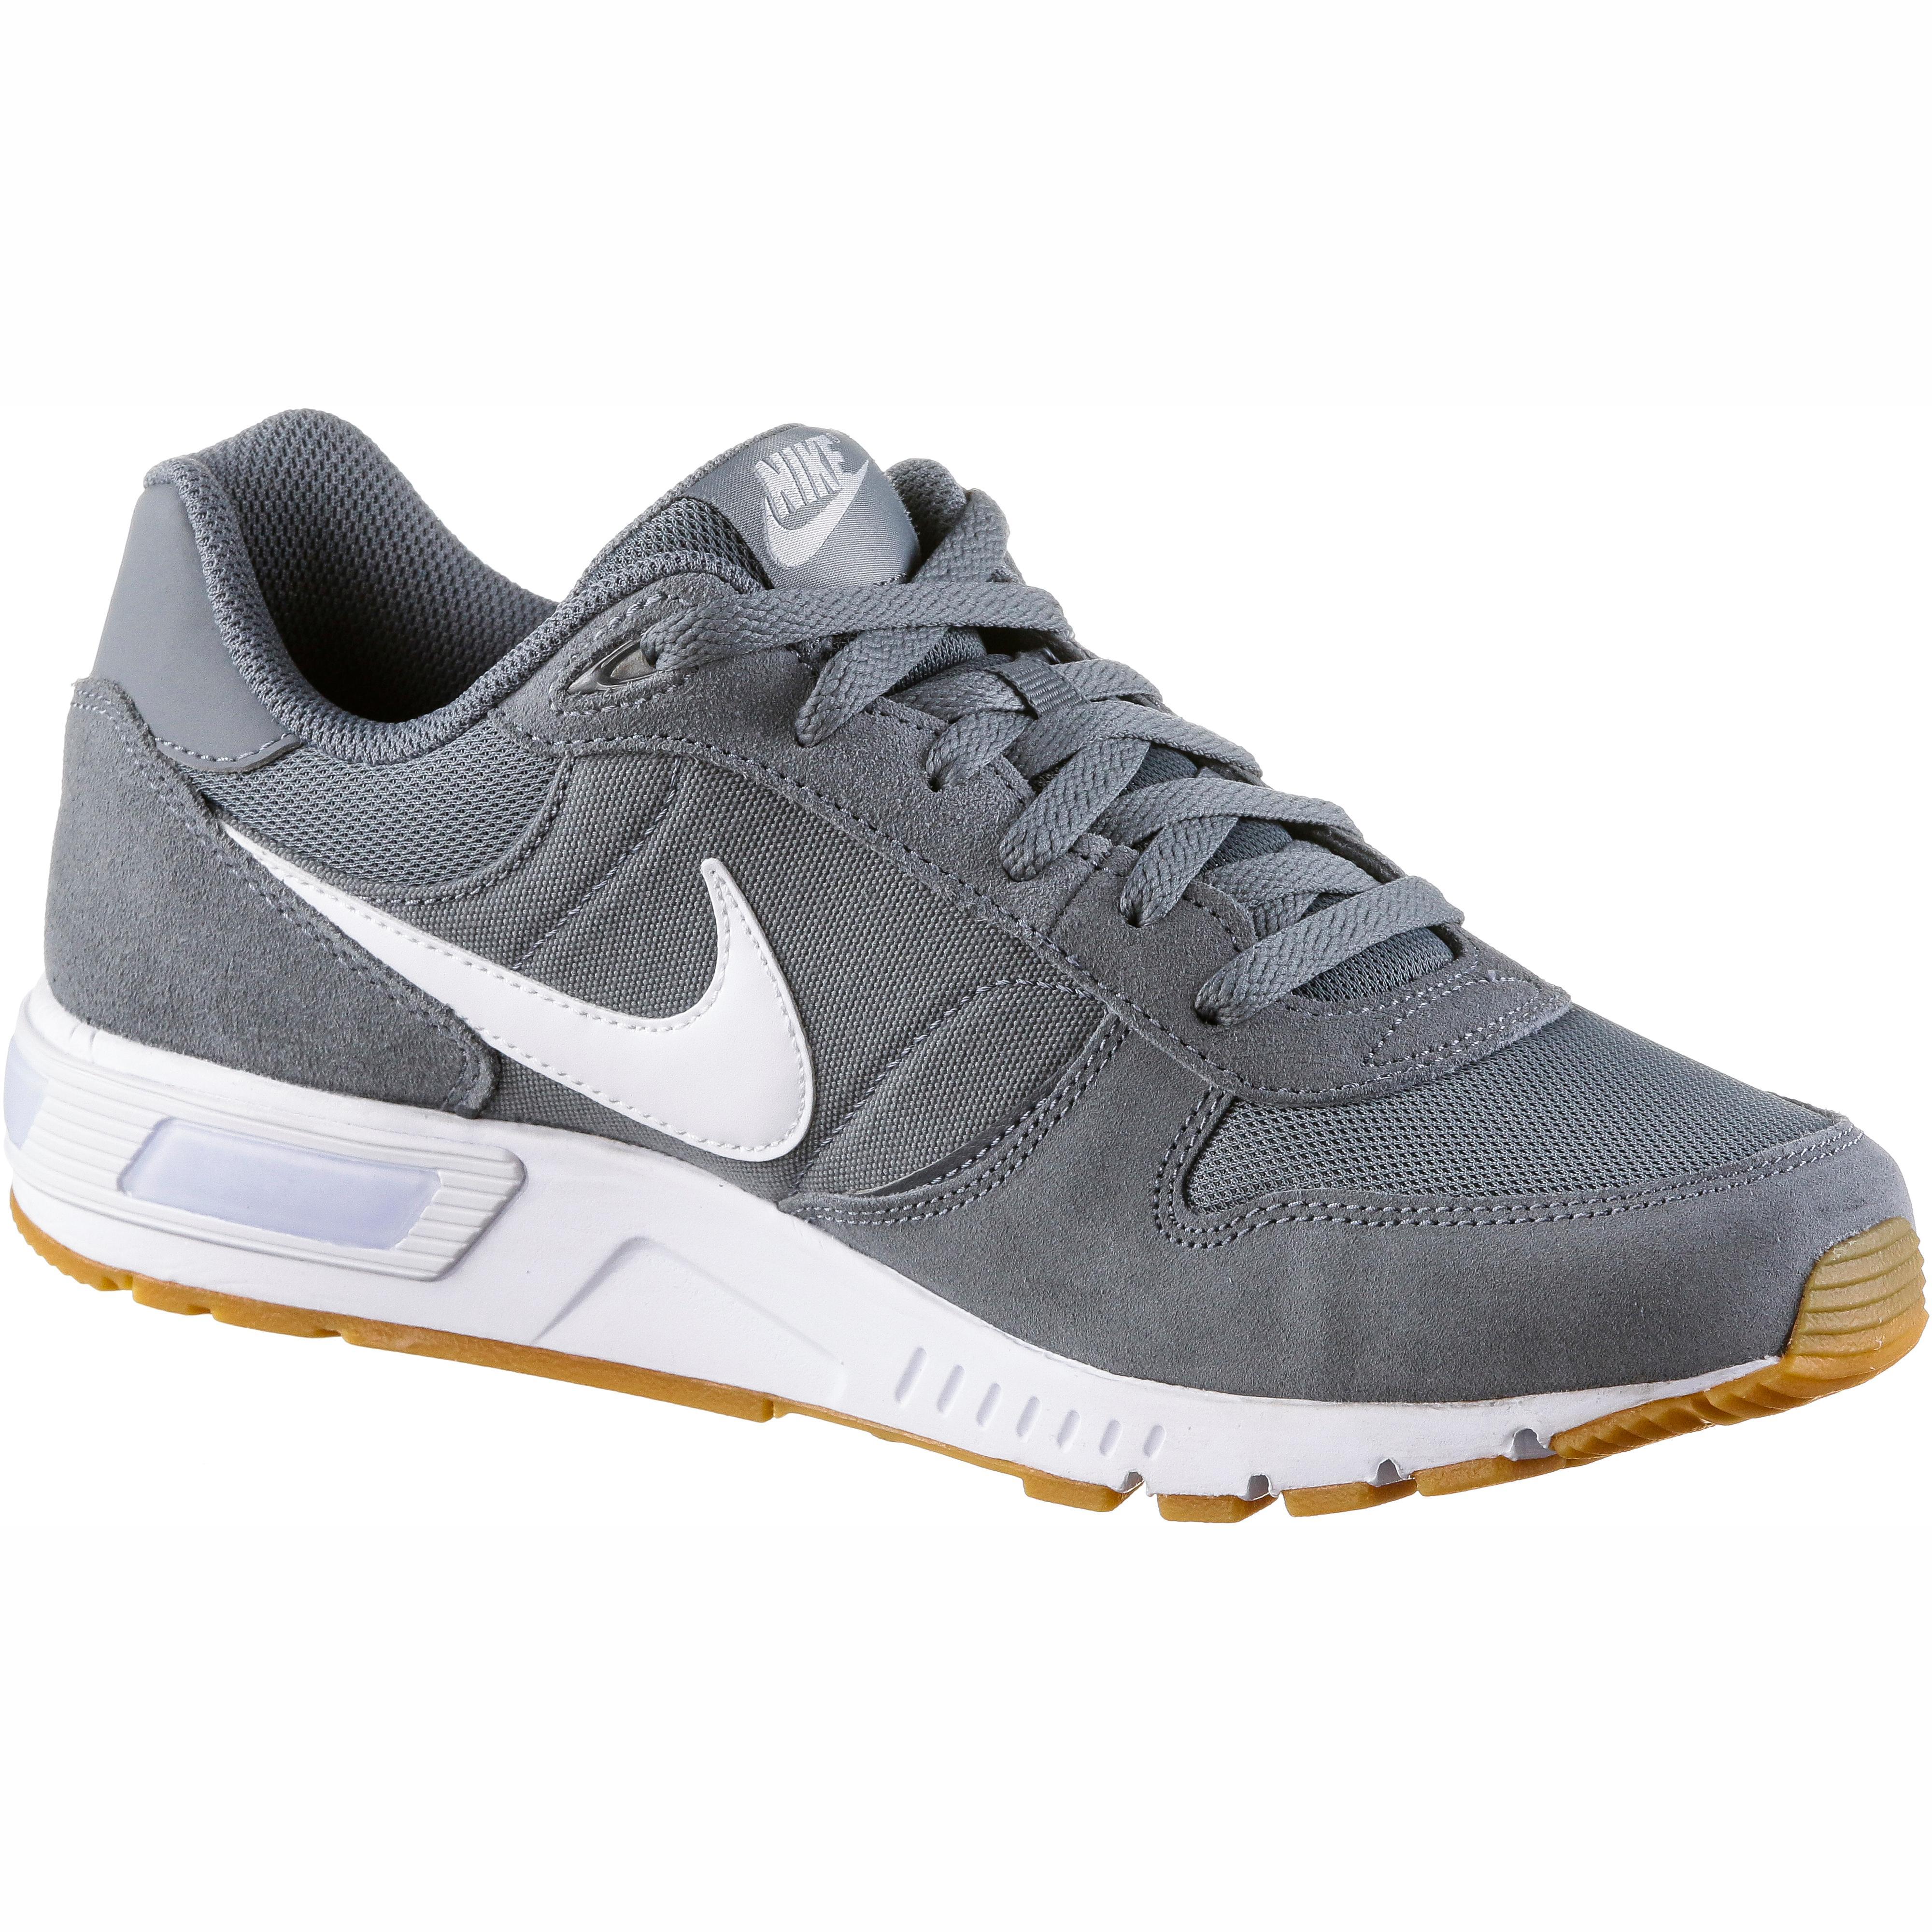 Nike Nightgazer Turnschuhe Herren coastal Blau-Weiß-Blaucap im im im Online Shop von SportScheck kaufen Gute Qualität beliebte Schuhe 9e9b7b